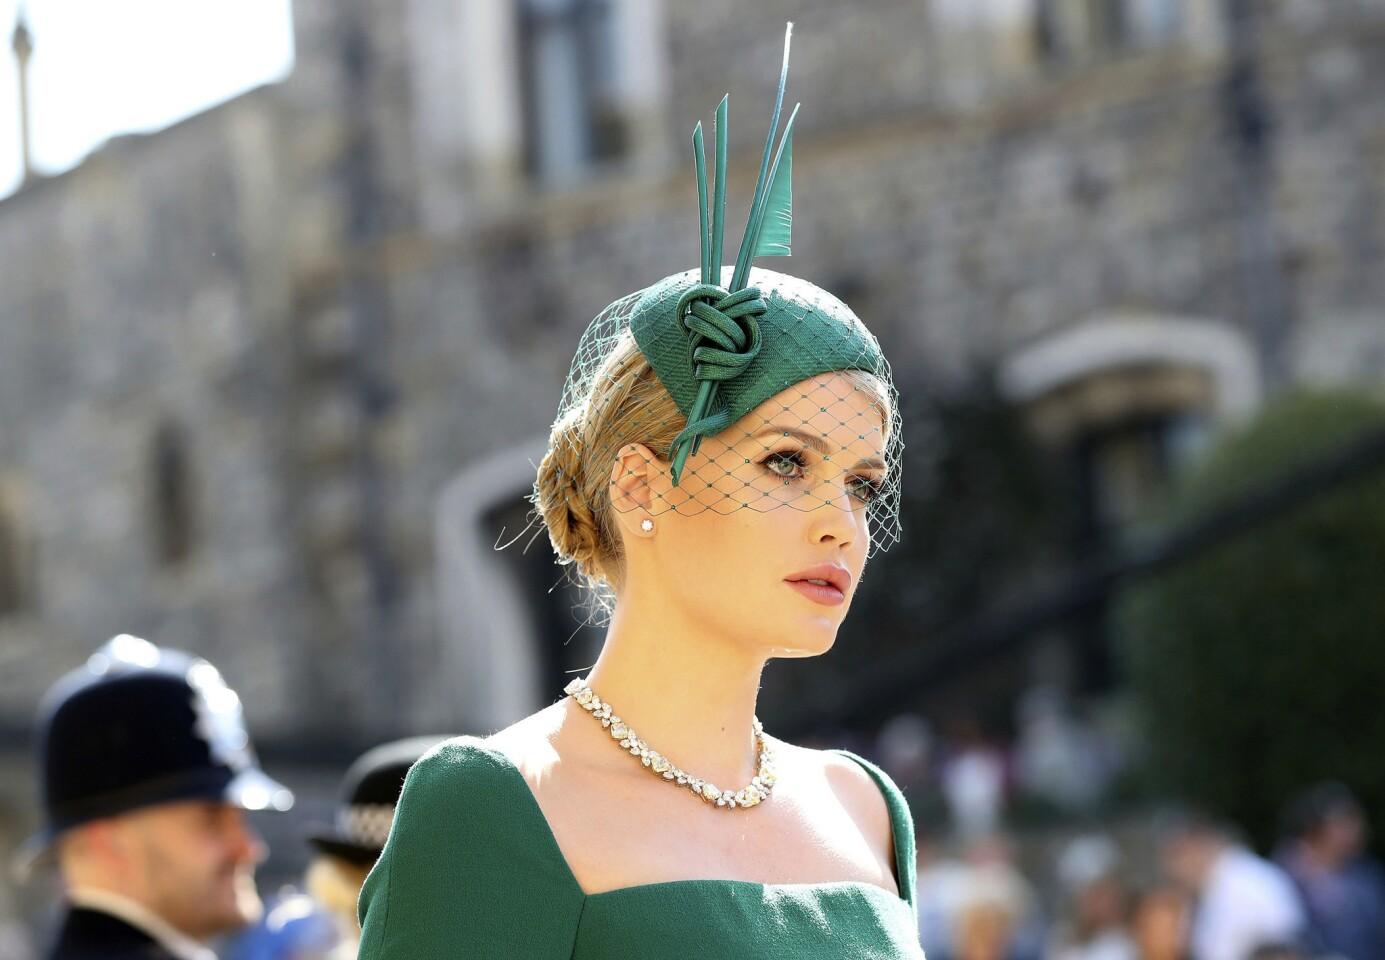 Royal wedding 2018 hats and fascinators